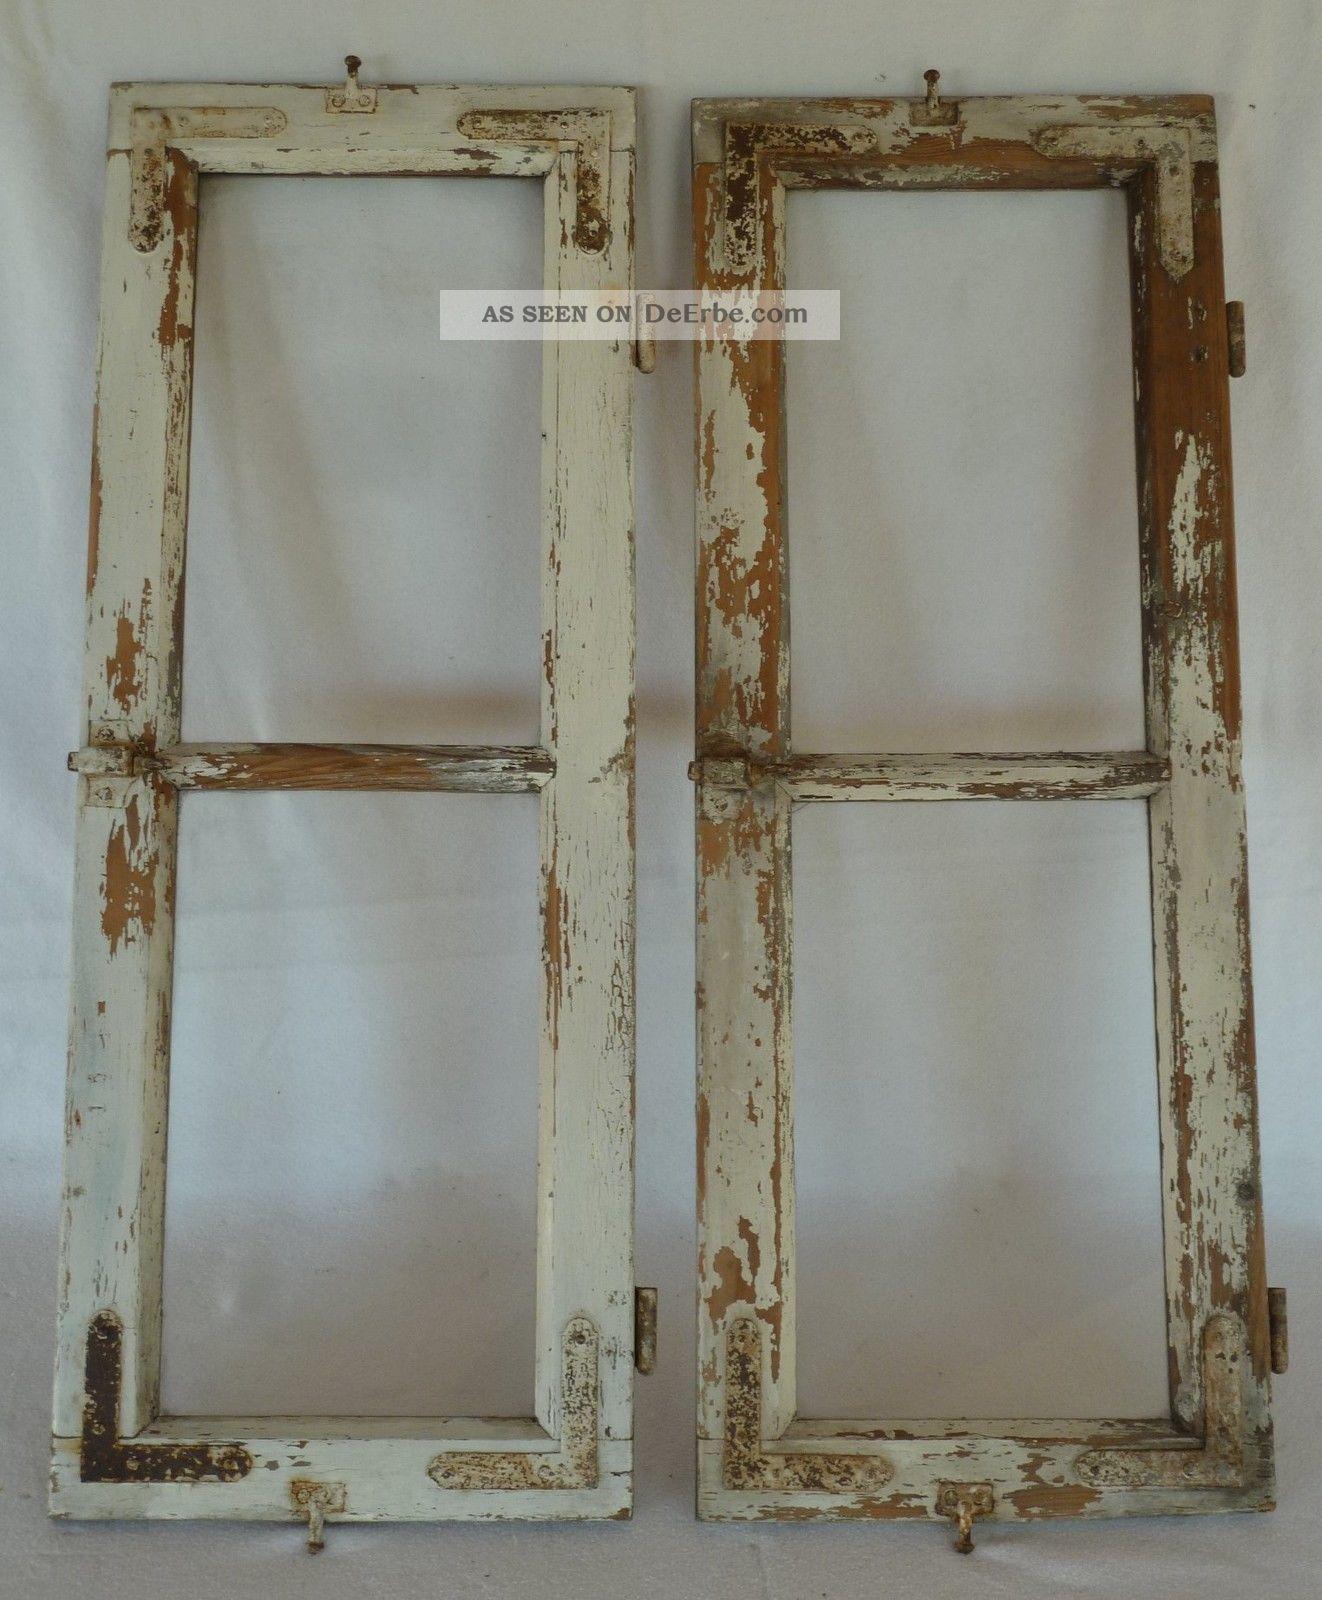 altes holzfenster fenster sprossen sprossenfenster holz 2 st ck. Black Bedroom Furniture Sets. Home Design Ideas